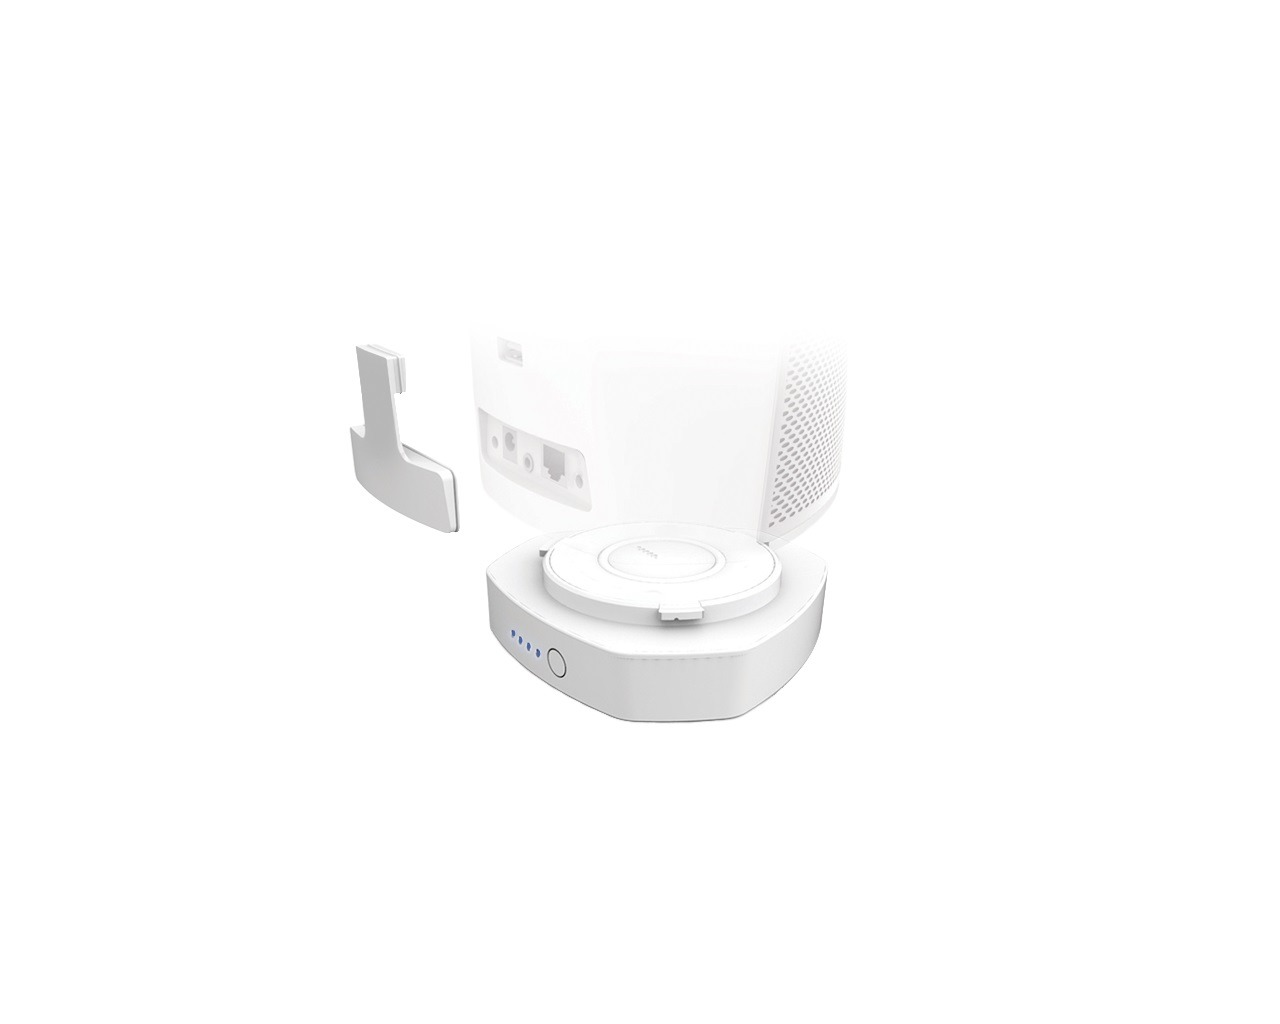 Denon audio accessoire HEOS 1 GO PACK HS2 wit